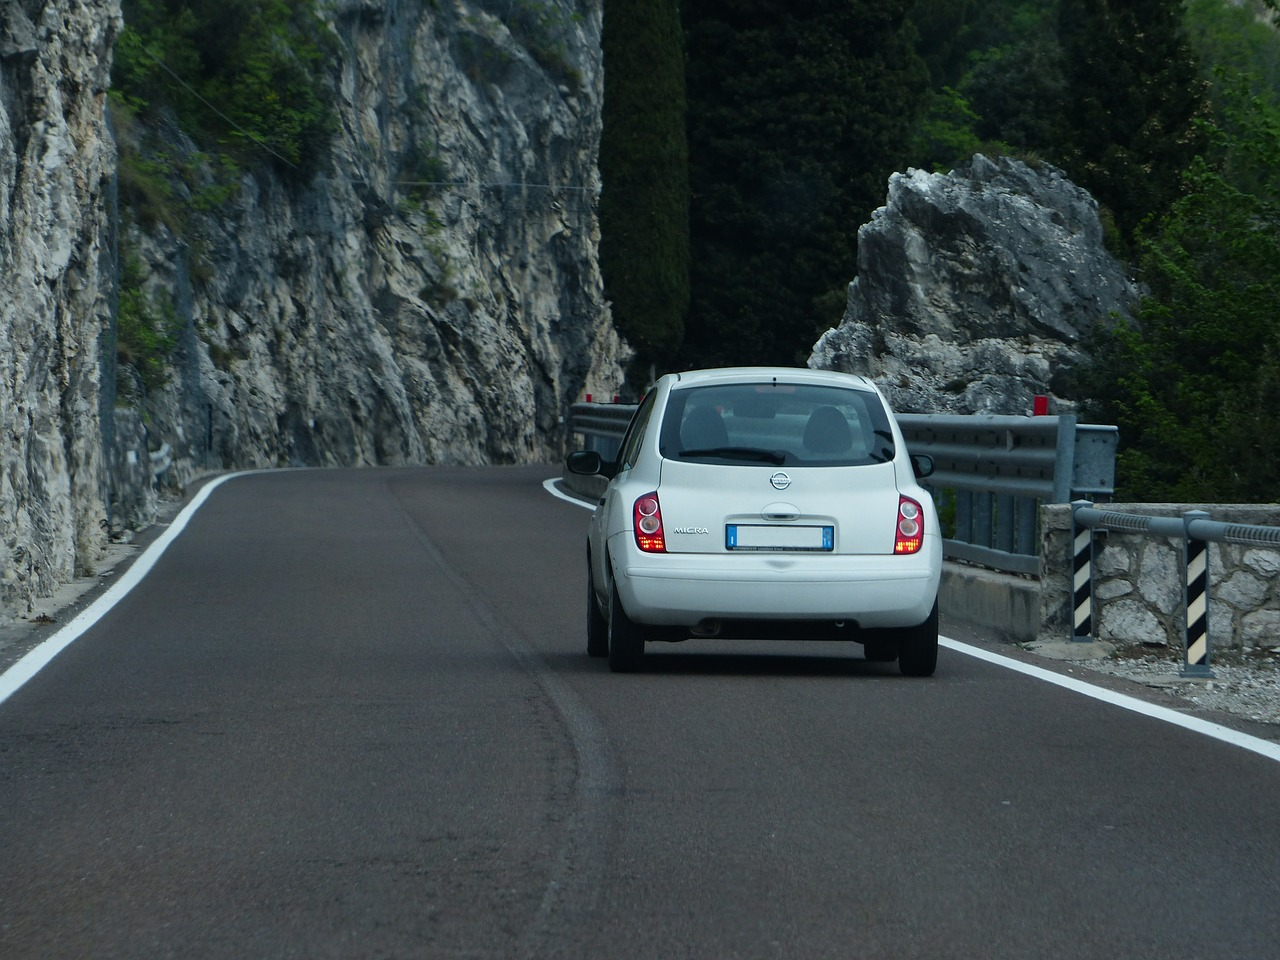 road-367536_1280.jpg